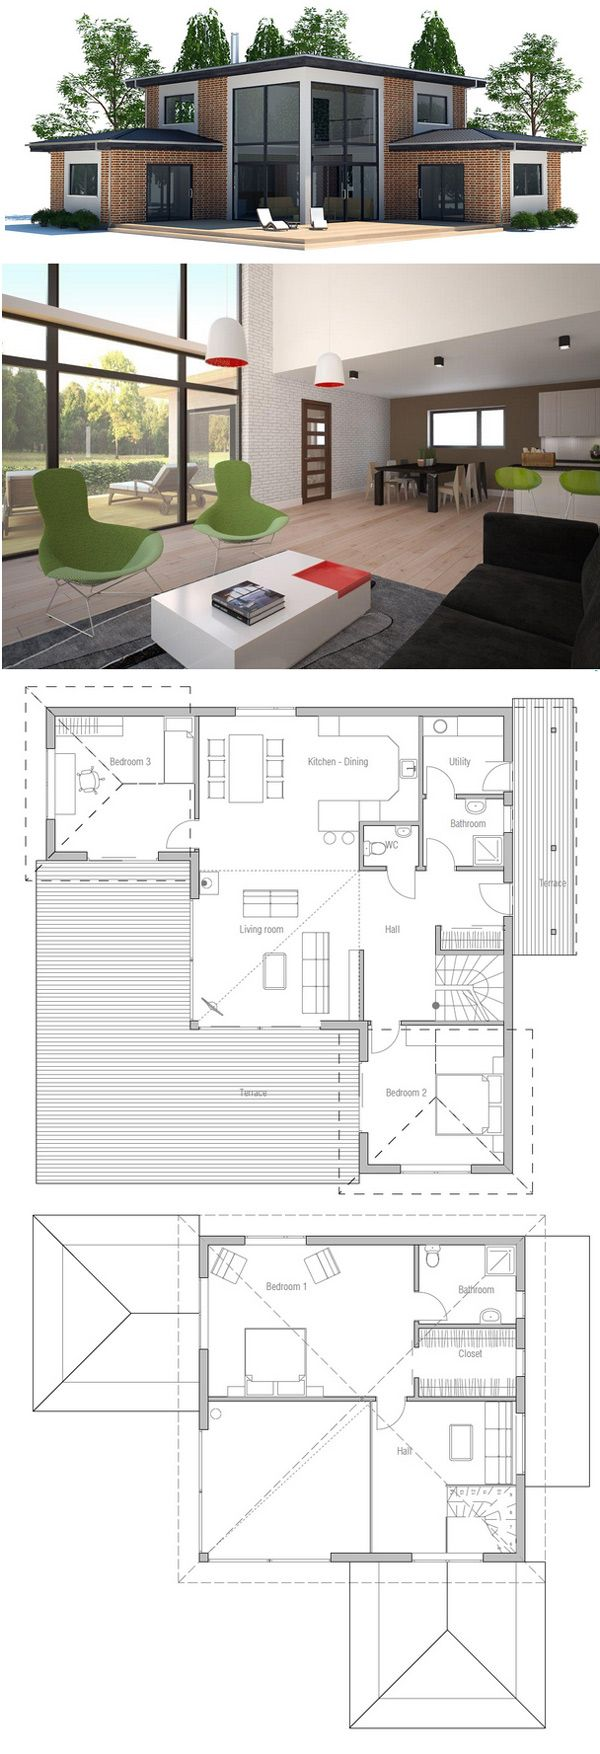 Plus de 1000 idées à propos de architecture plans sur pinterest